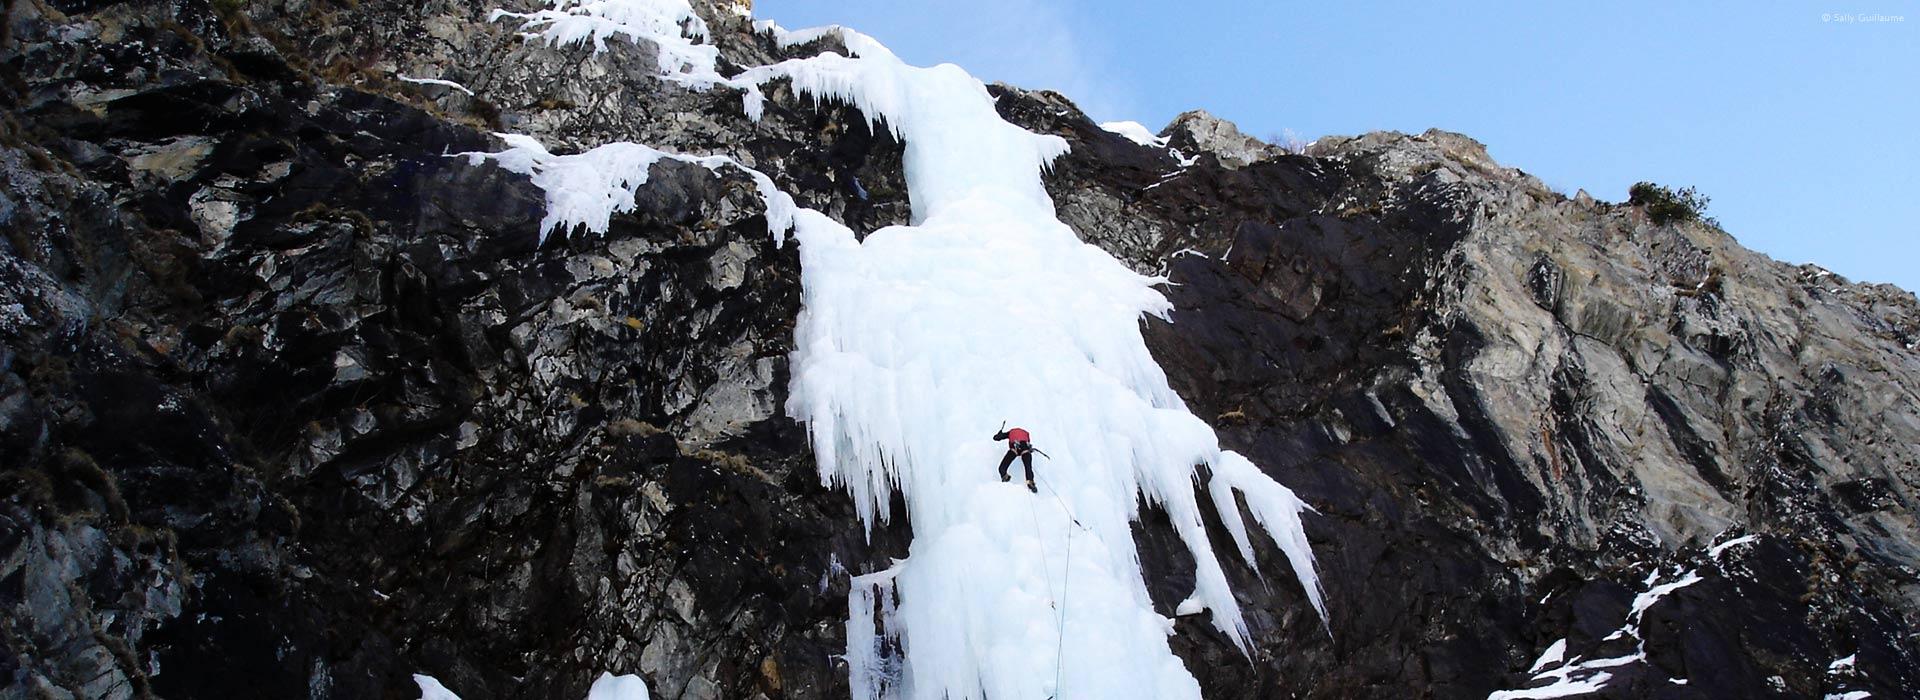 ice-climbing on frozen waterfall